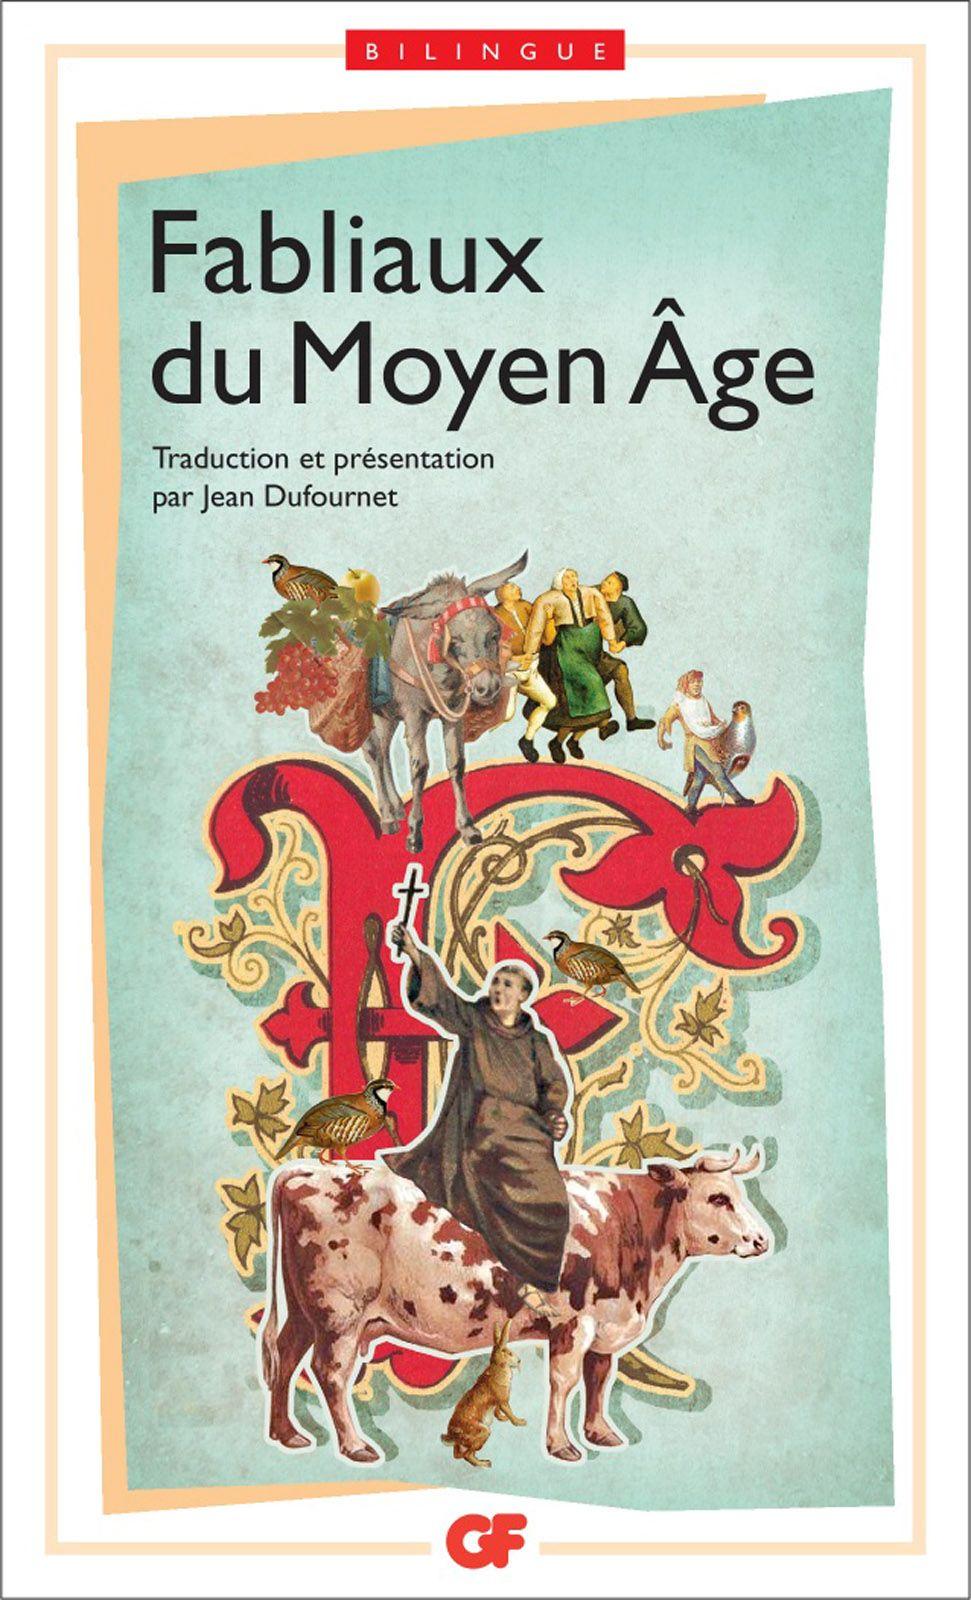 Fabliaux du Moyen Âge (édition bilingue) | Dufournet, Jean (1933-2012). Éditeur scientifique. Traducteur